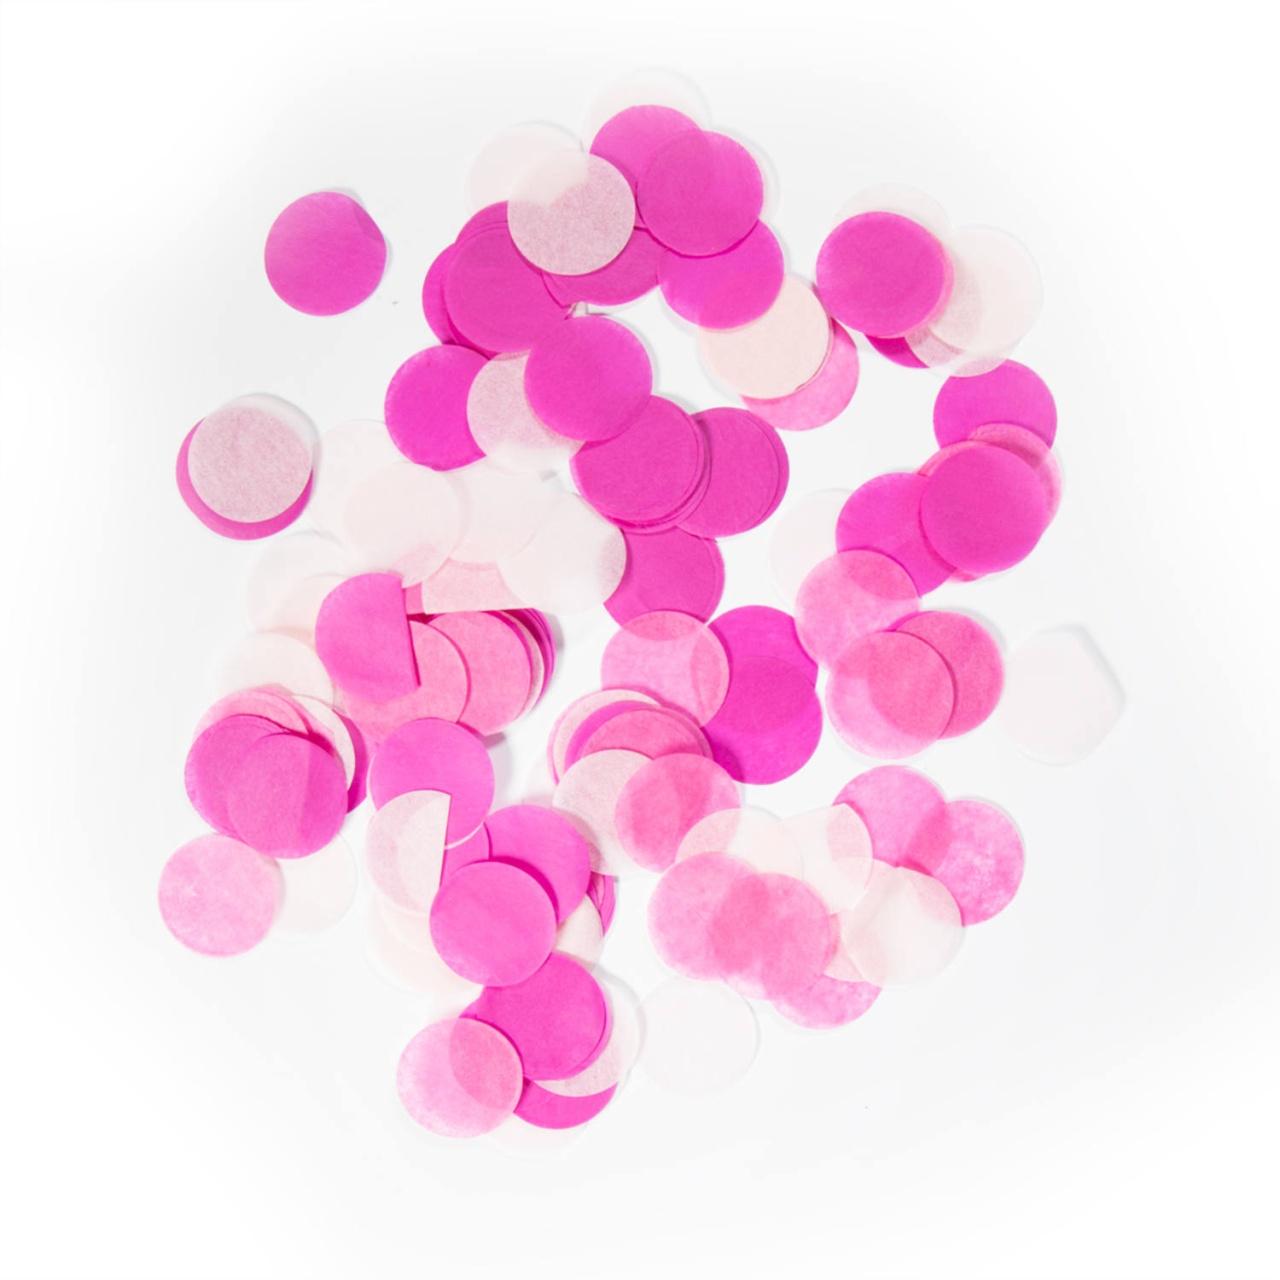 Konfetti XXL rosa ca 14 gramm, Durchmesser ca 2,5 cm